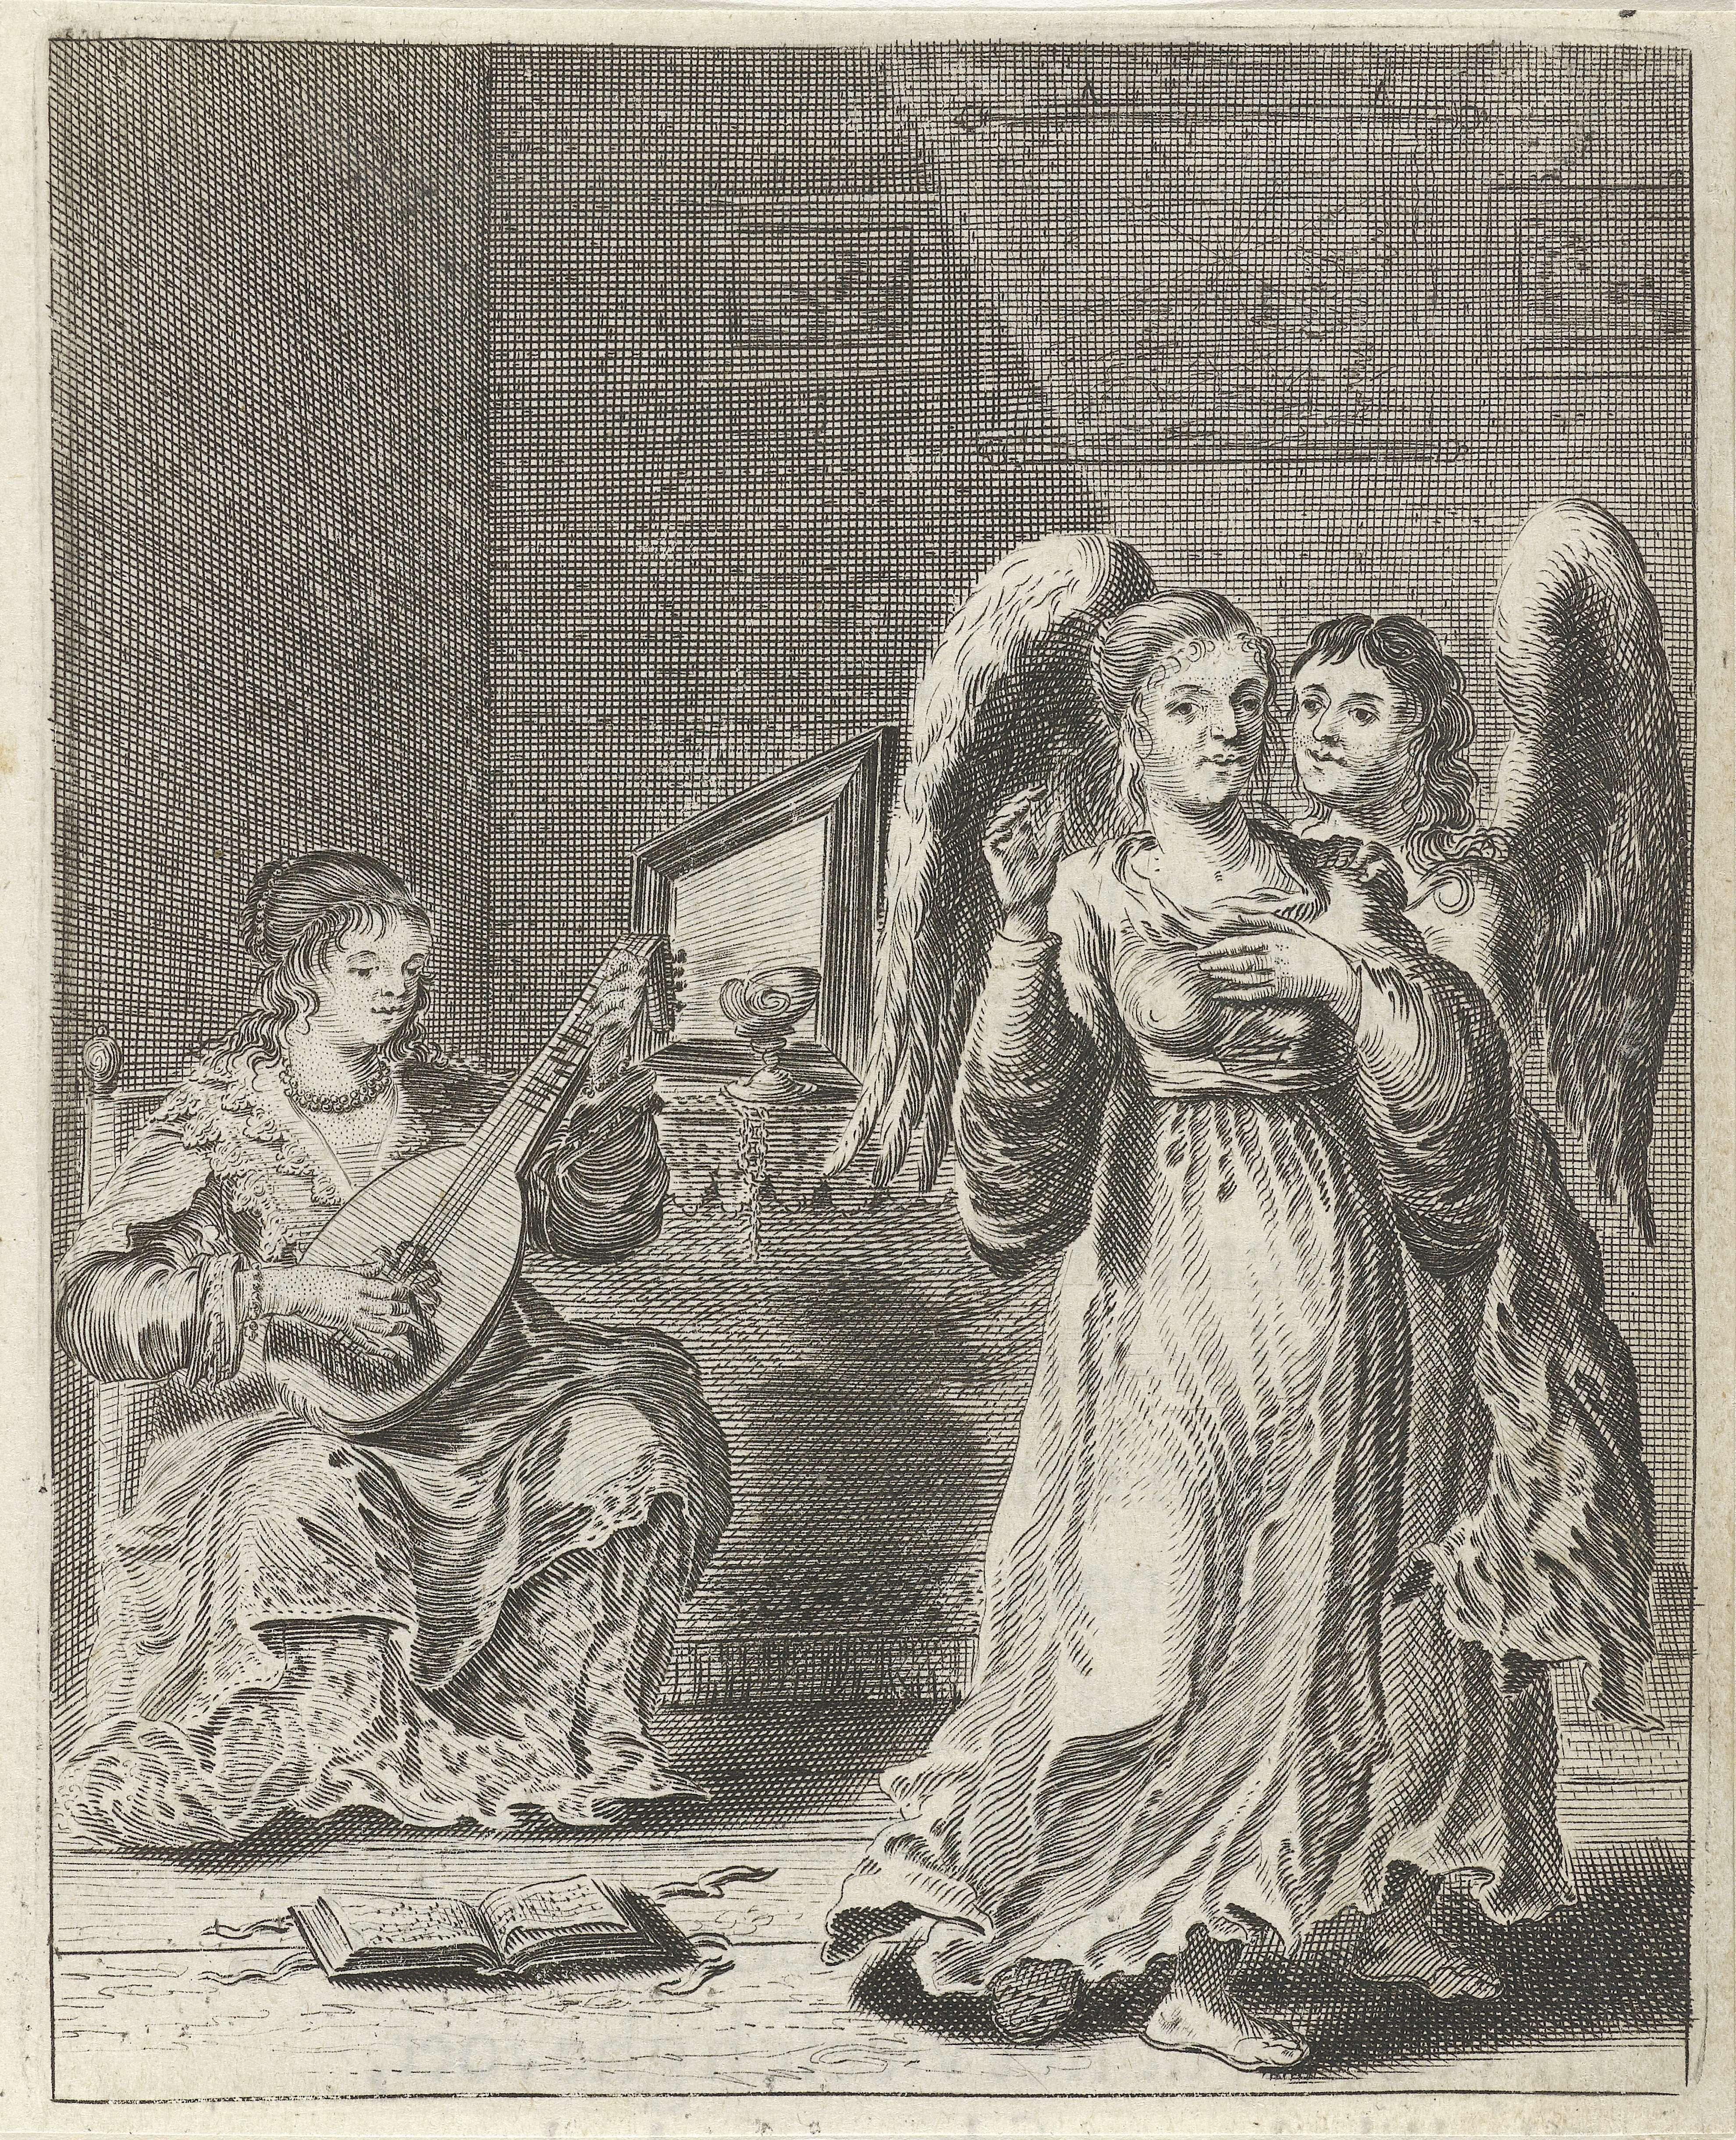 Pieter nolpe waarschuwing tegen ijdelheid pieter nolpe 1640 ijdelheid zit op een stoel en - Kleine ijdelheid ...